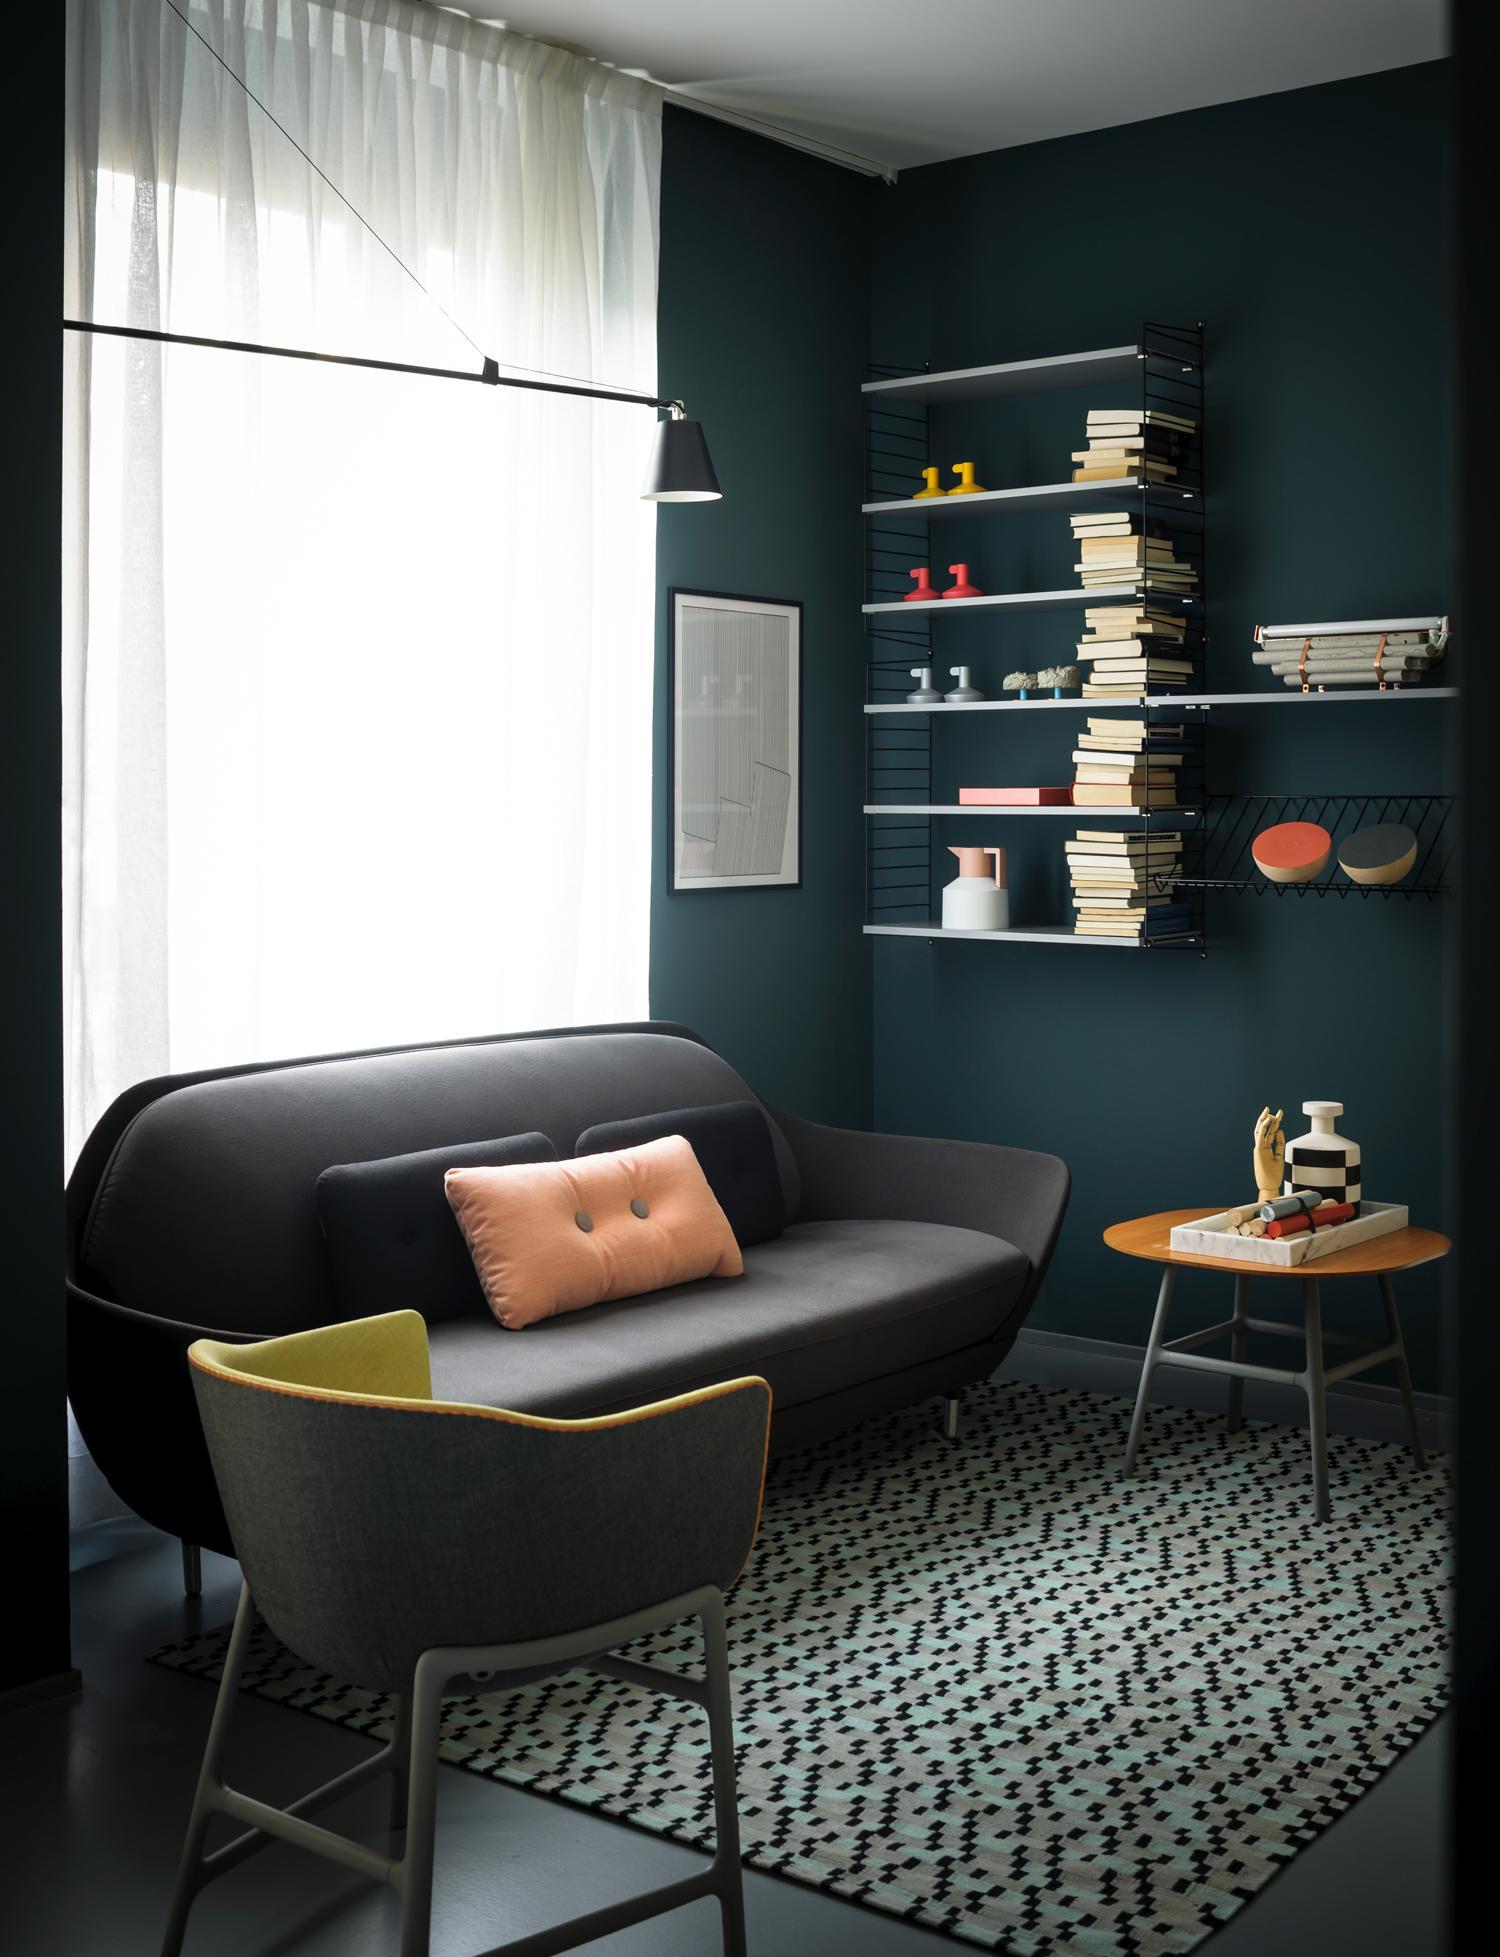 Moderner Grau-Grün-Mix mit Design-Klassikern im Wohn...